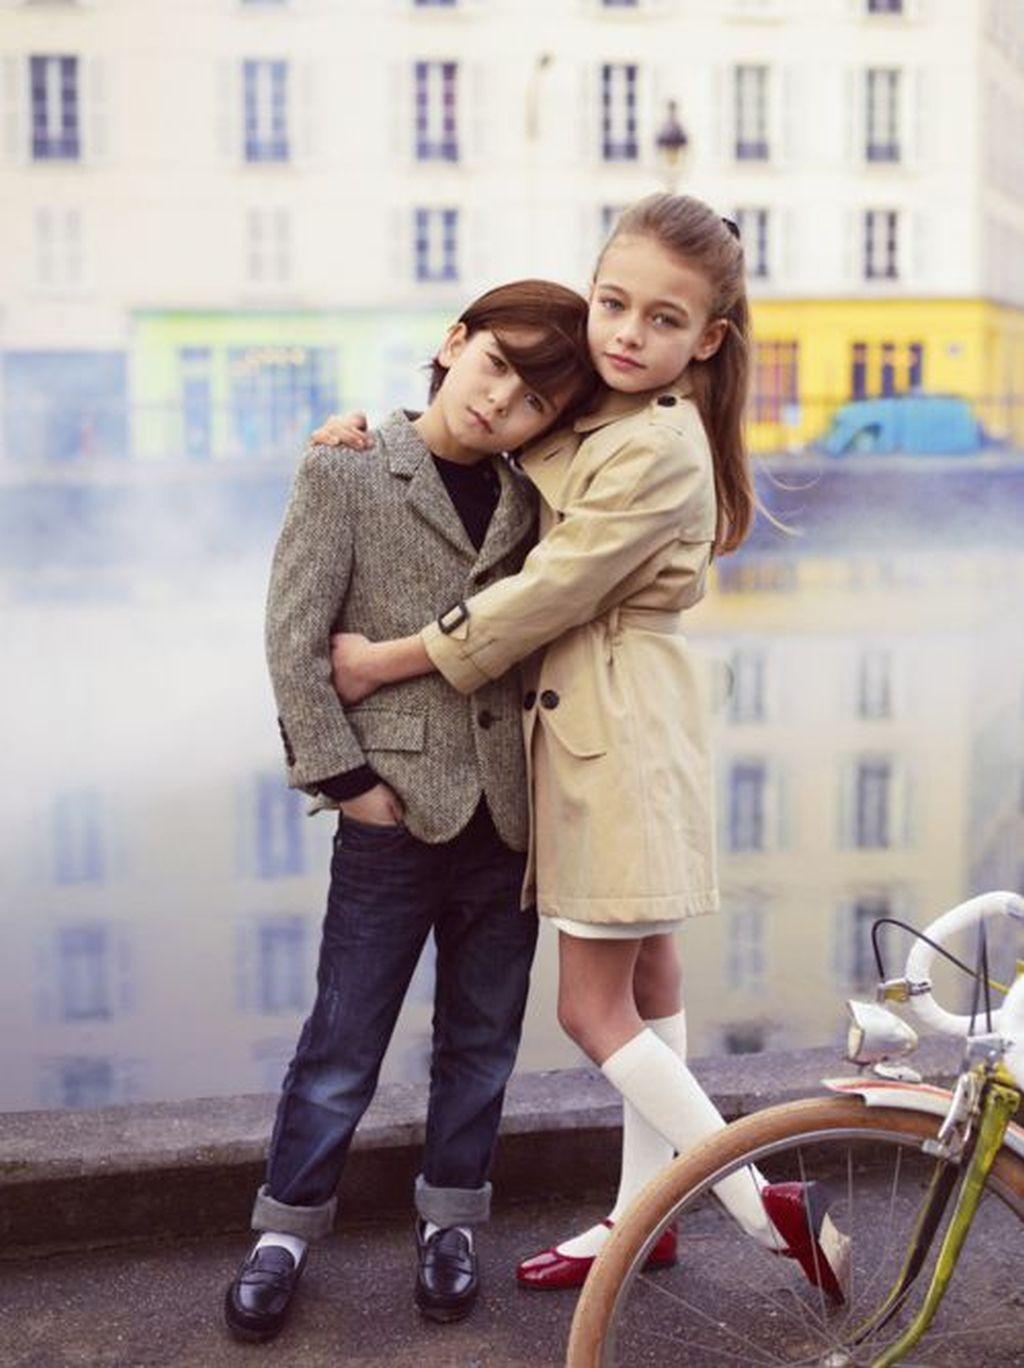 4a04de47b65 10 απρόσμενες διαφορές ανάμεσα στα αγόρια και τα κορίτσια! | imommy.gr